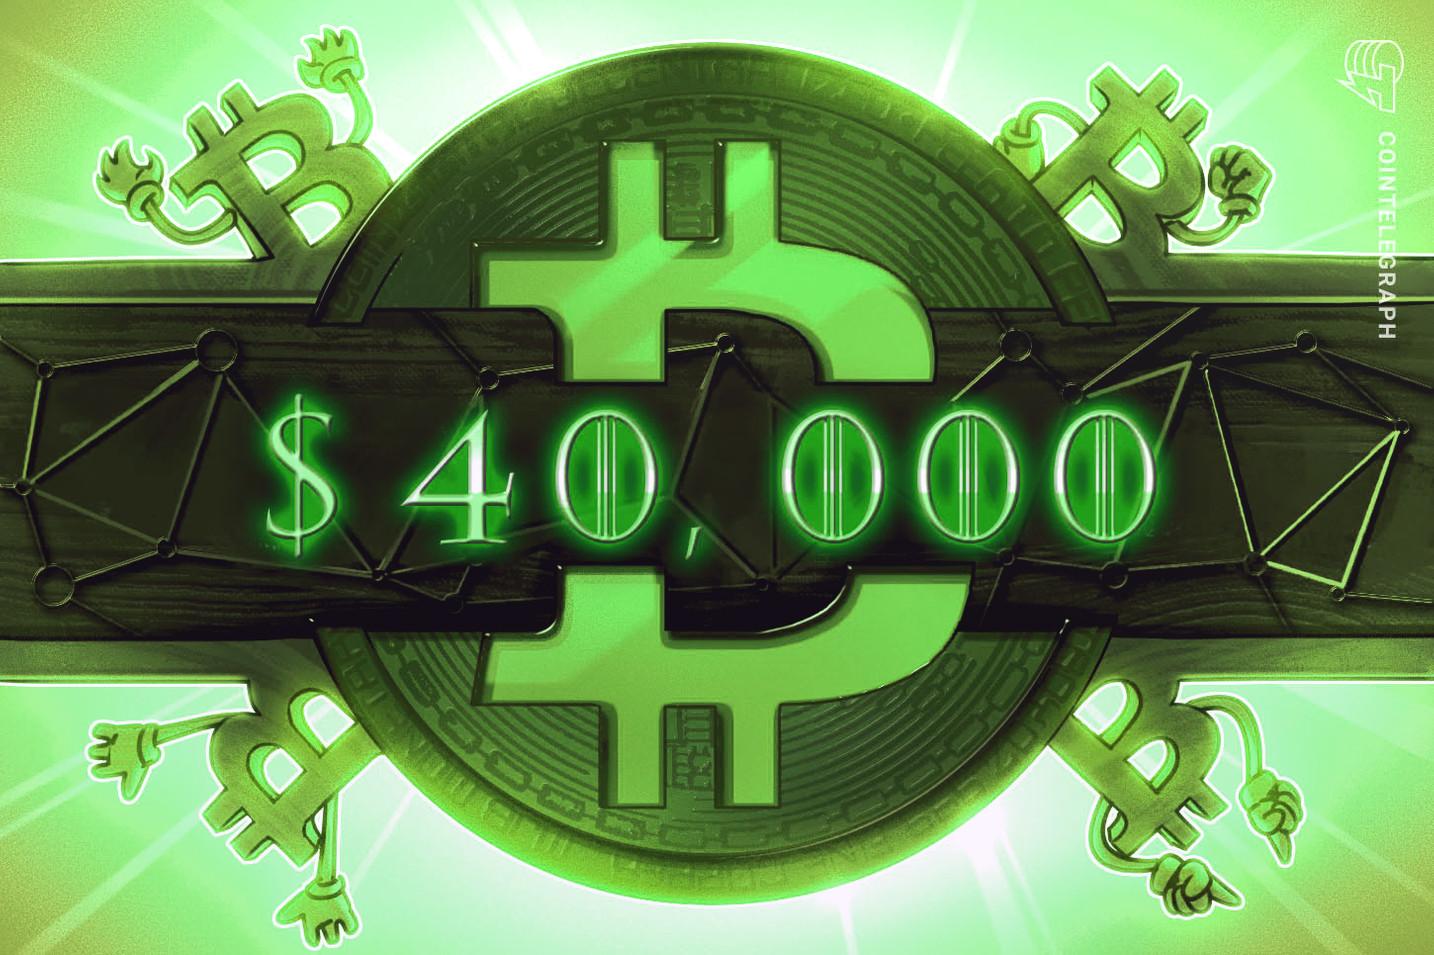 """Bitcoin alcanza los USD 40,000 tras 6 semanas, pero la actividad on-chain es """"algo bajista"""""""